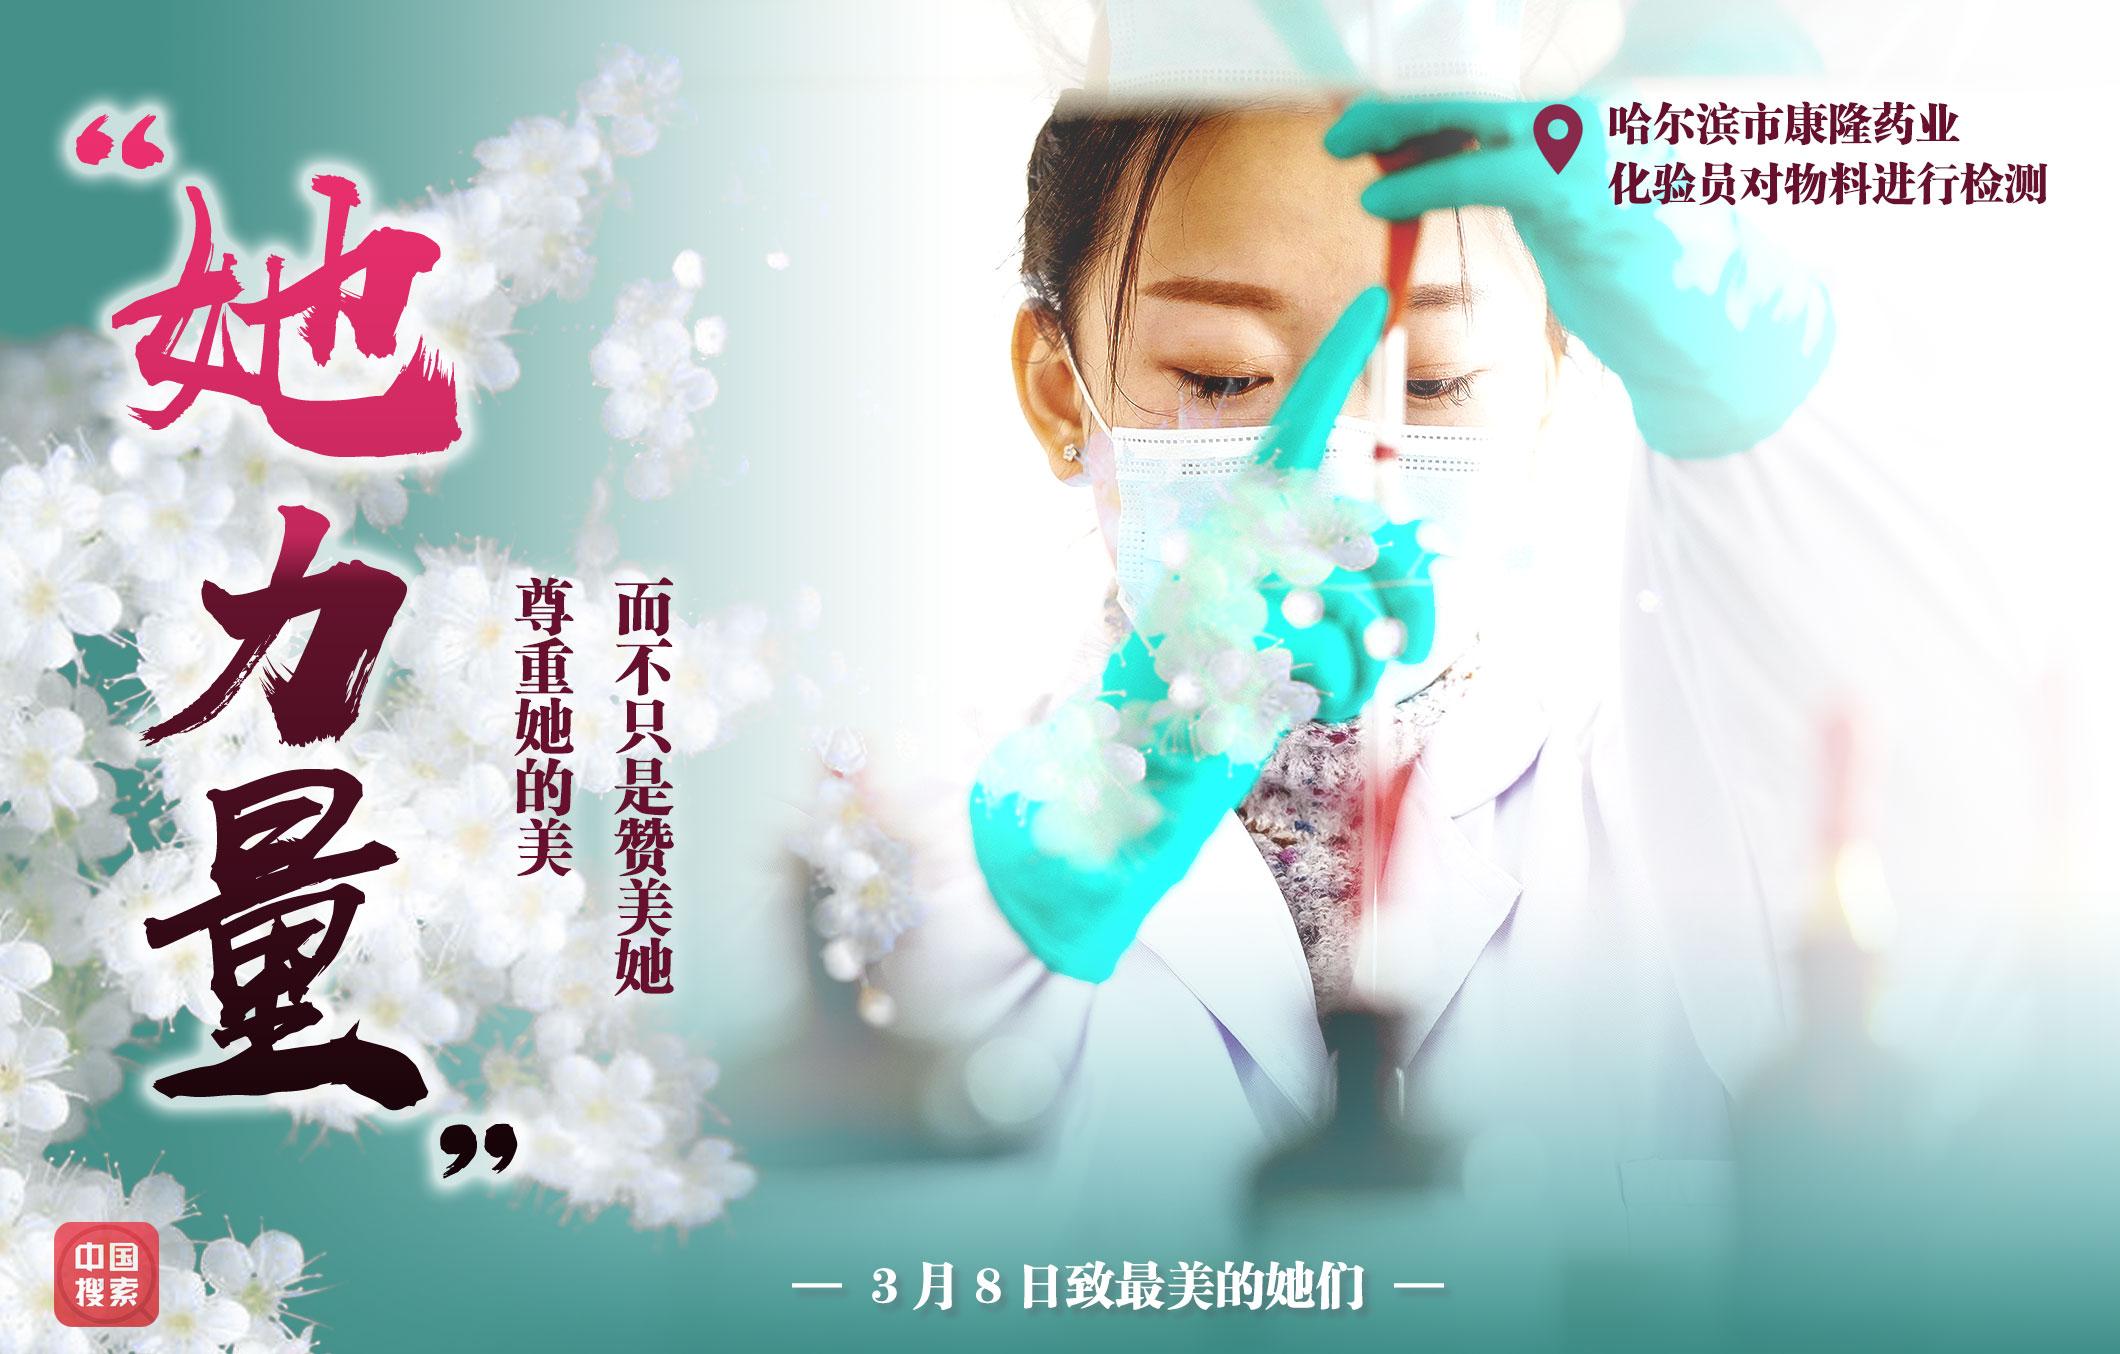 浙江杭州市第六人民医院中药师,根据中药处方给新冠肺炎患者配中药